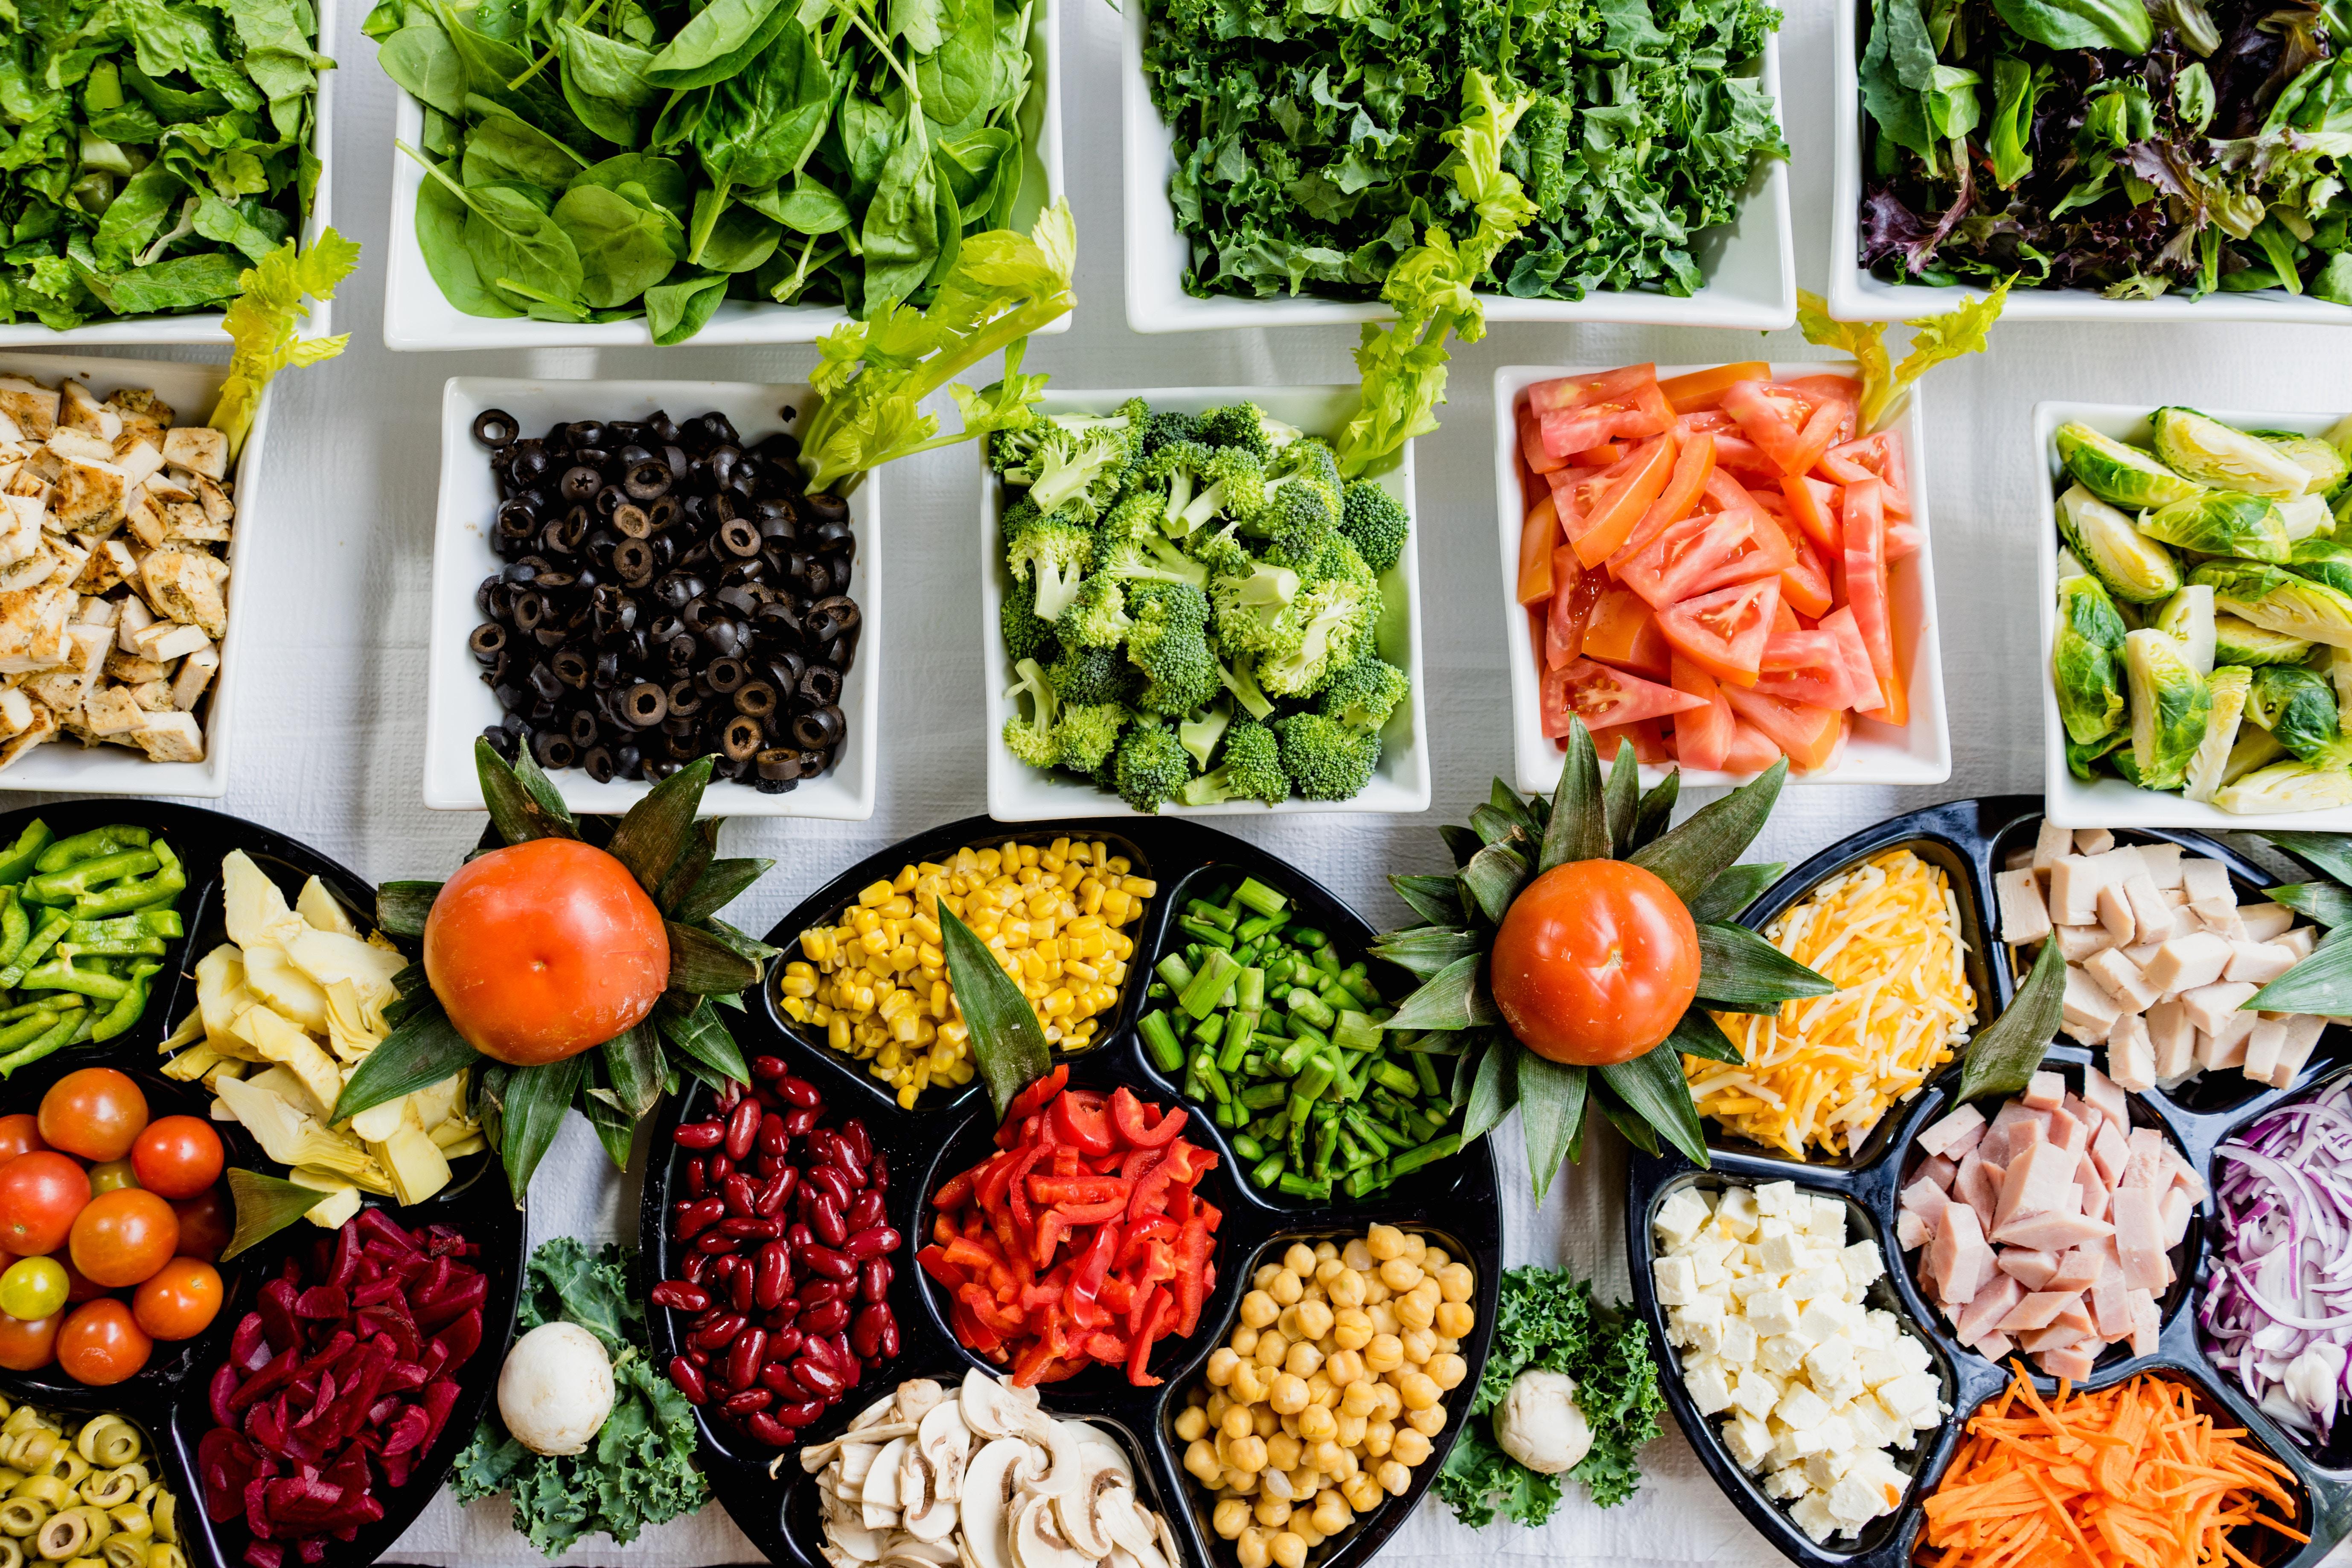 I 5 nutrienti e i 7 gruppi alimentari alla base della nostra alimentazione